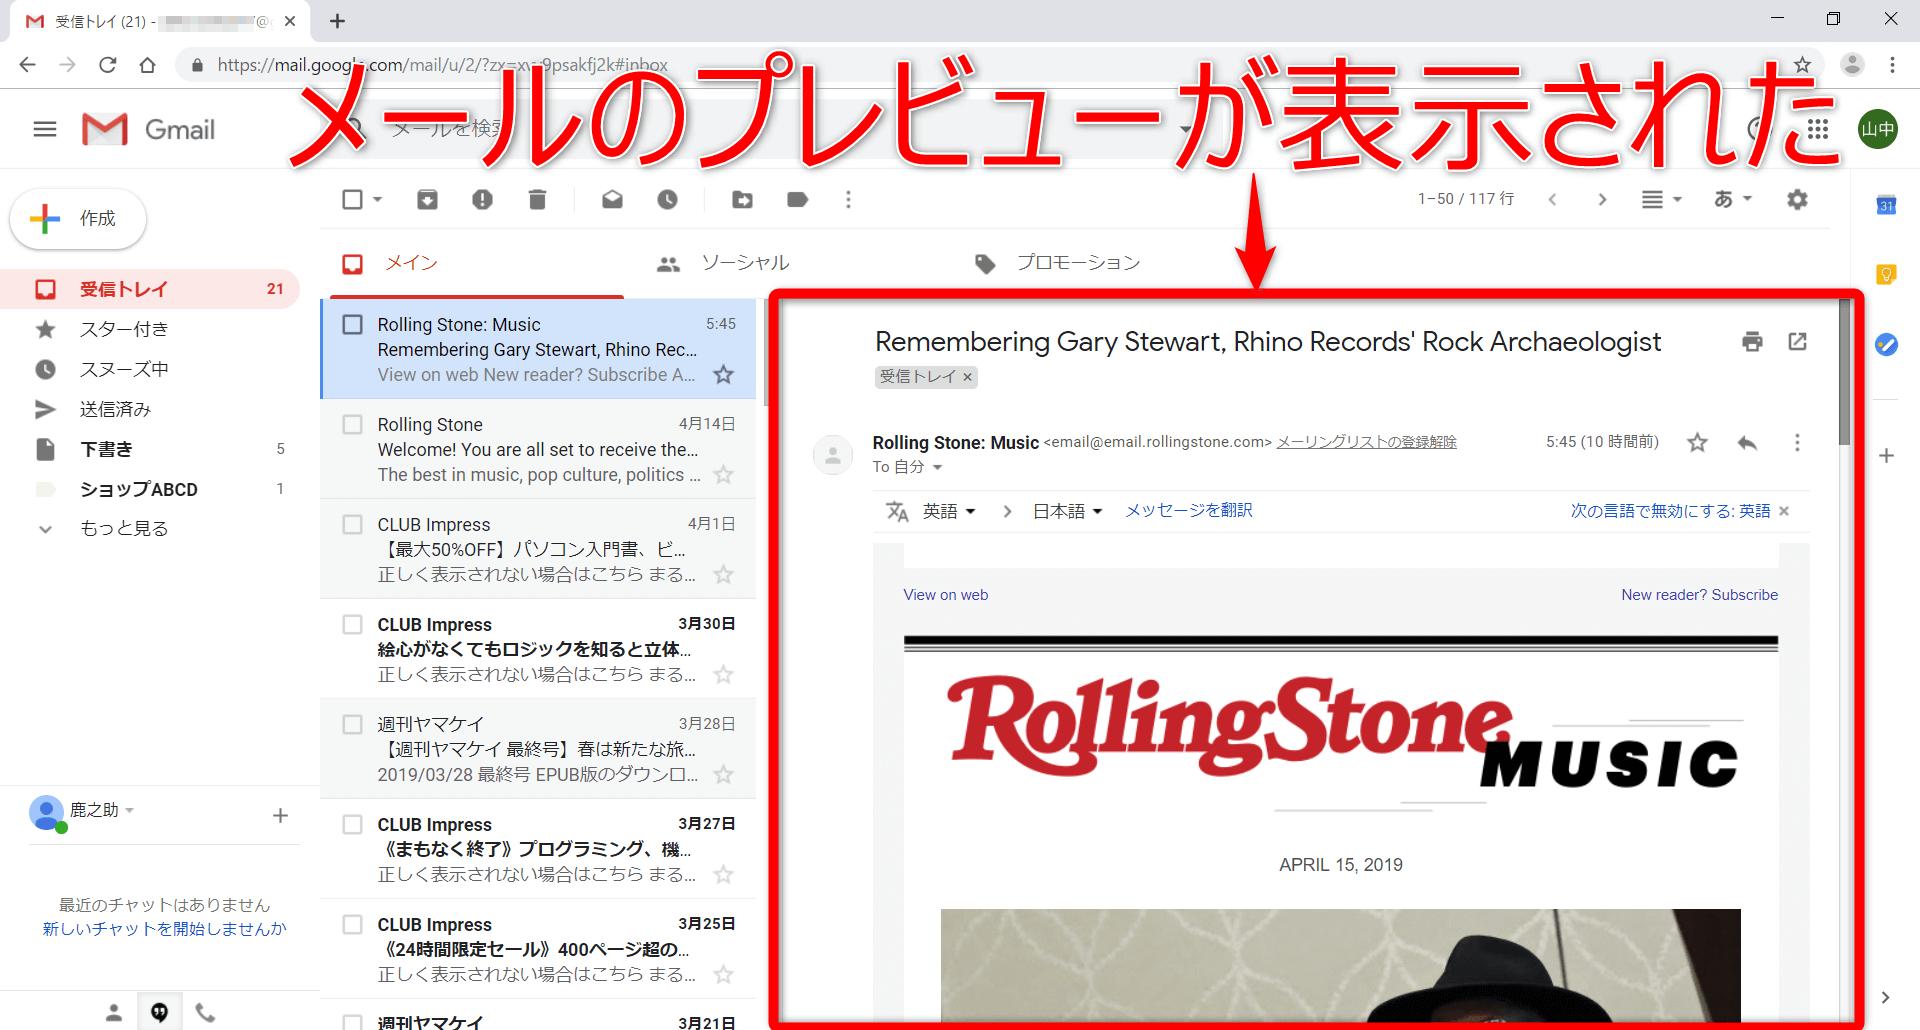 Gmail(ジーメール)のメイン画面にプレビューパネル(垂直分割)にメールのプレビューが表示された画面